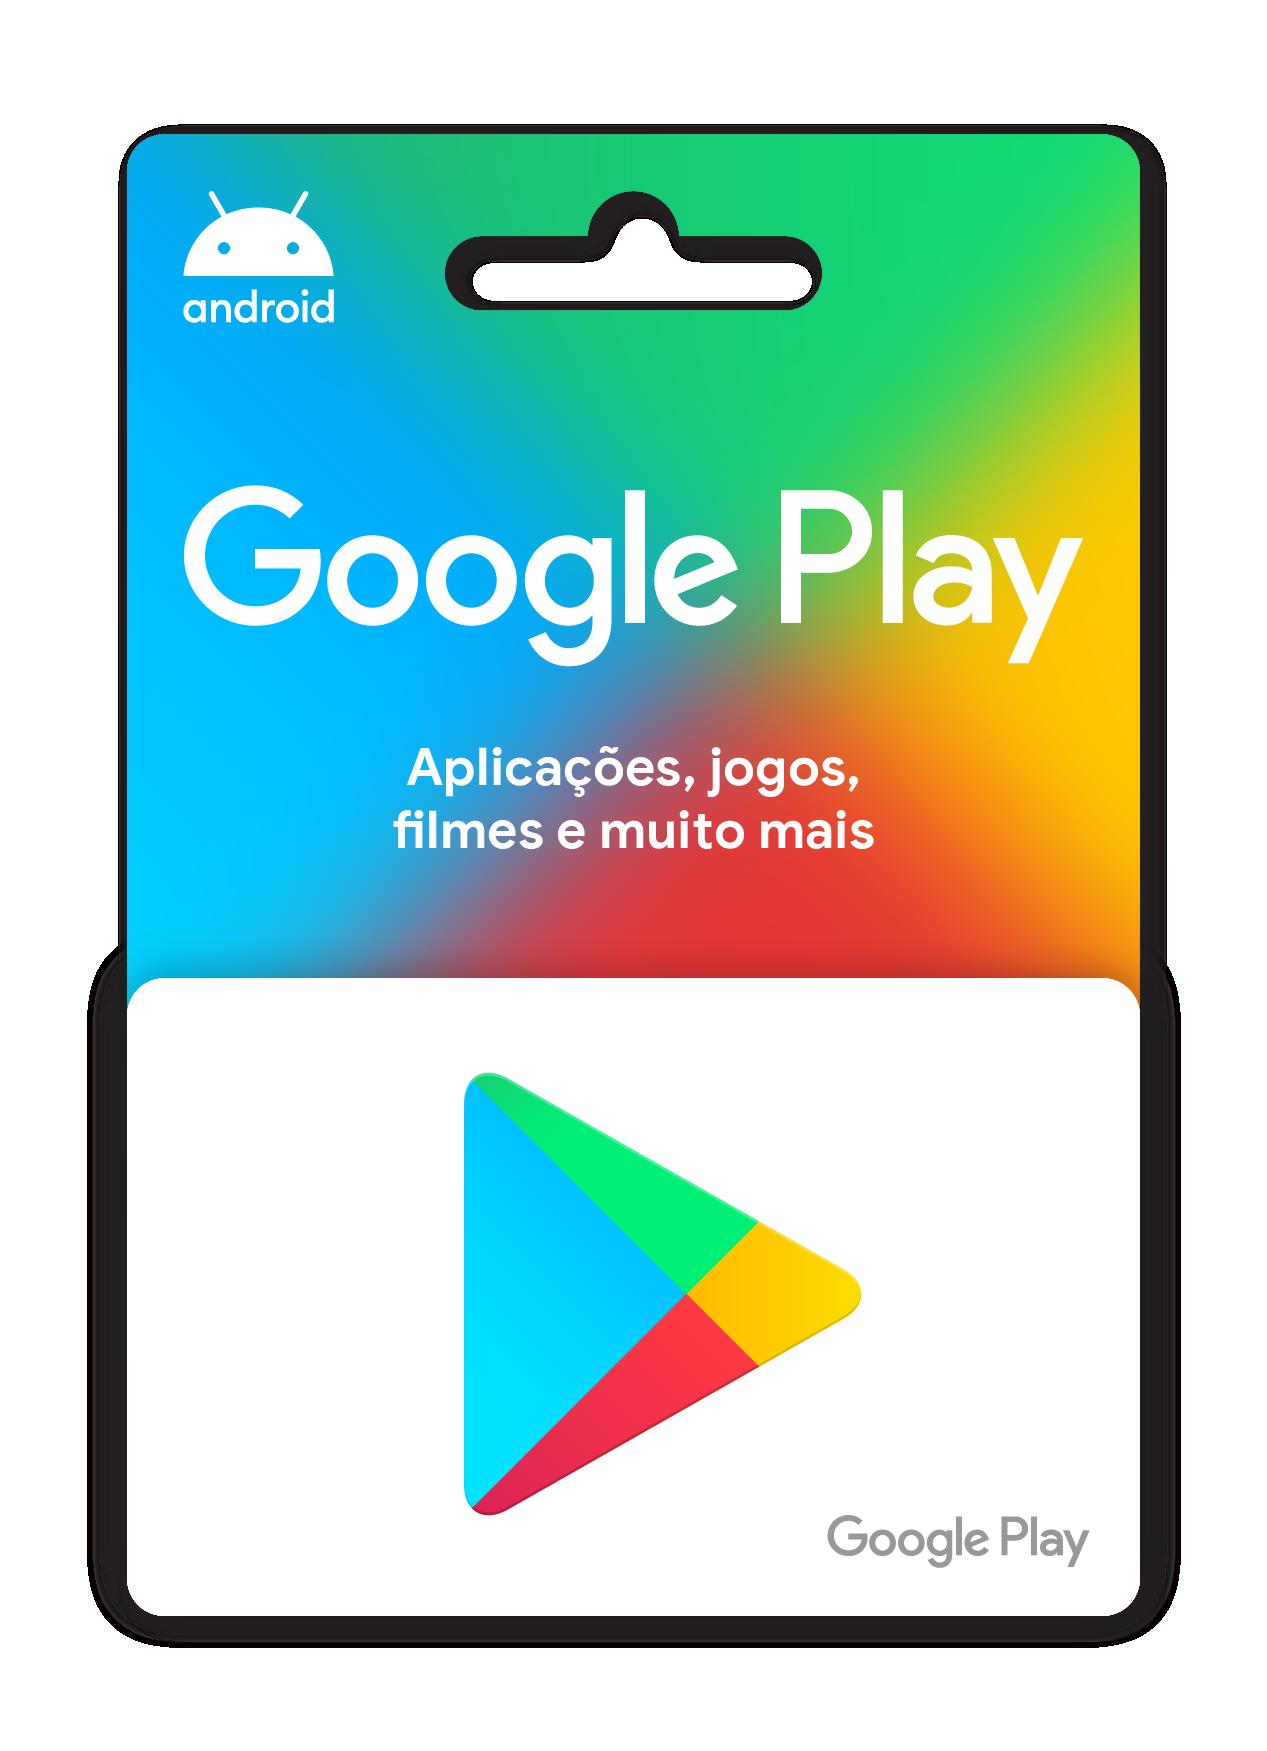 Vales de oferta do Google Play